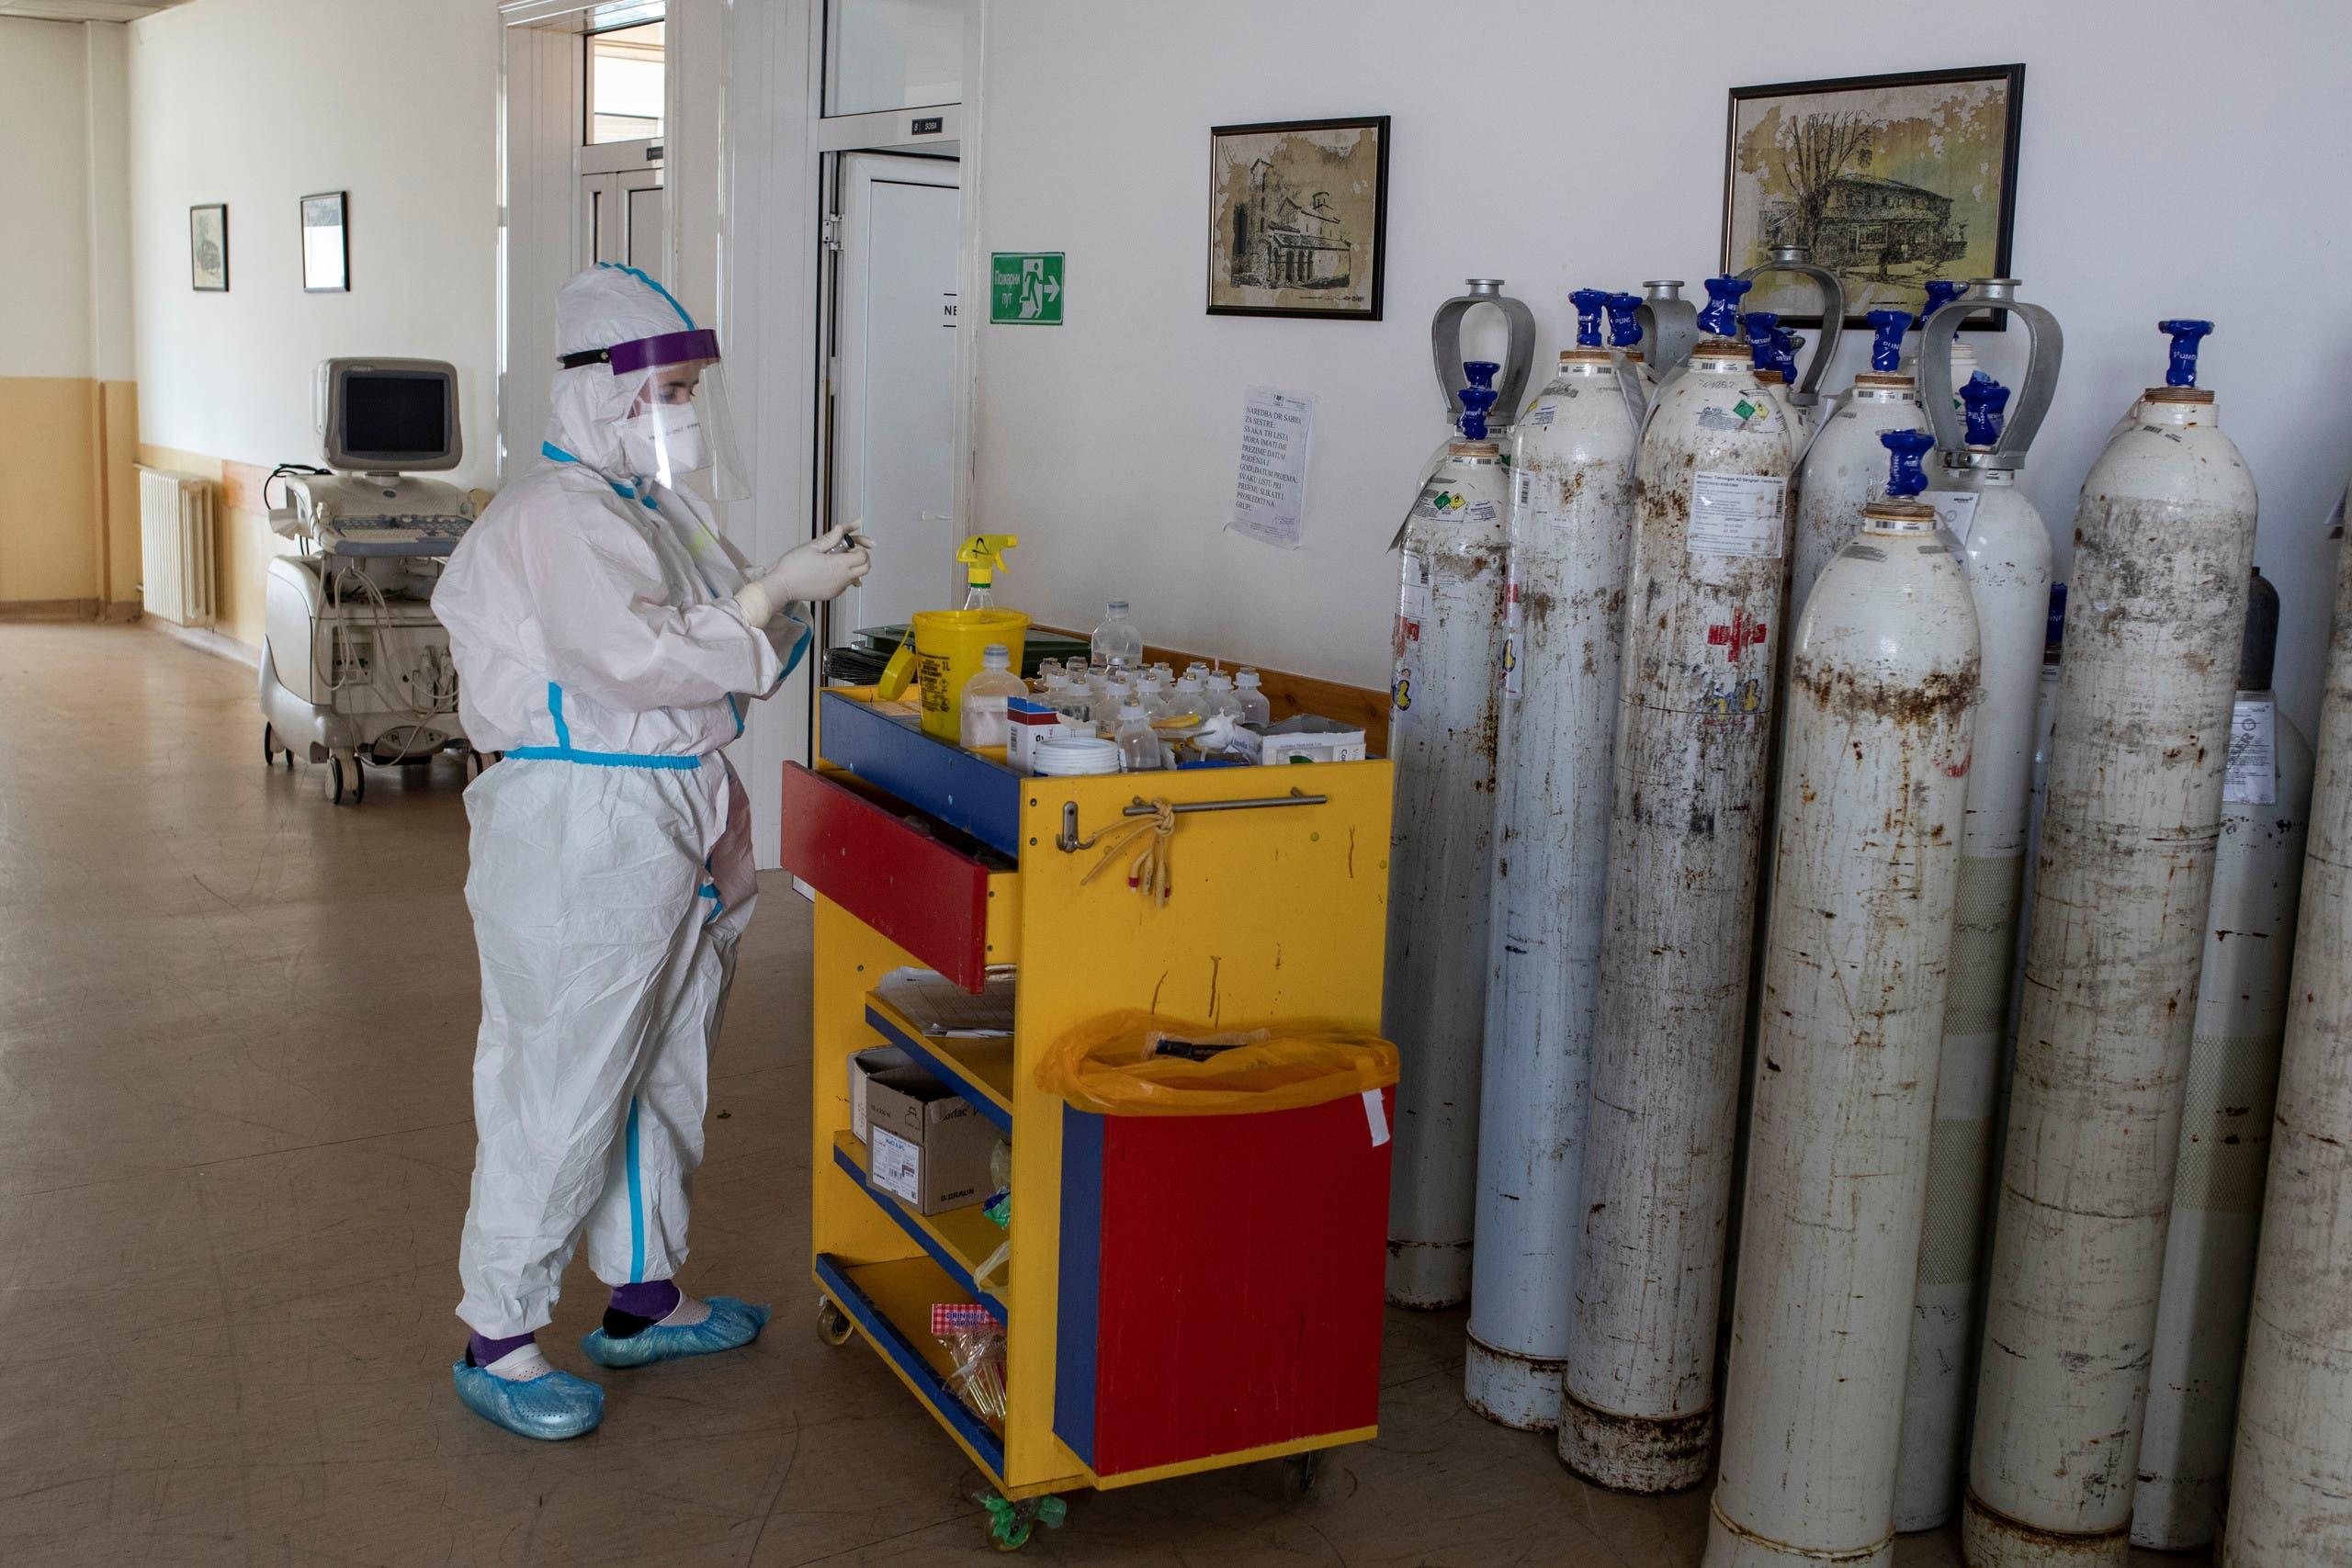 ممرضة تعمل في مستشفى يعالج فيه مصابو كورونا في صربيا